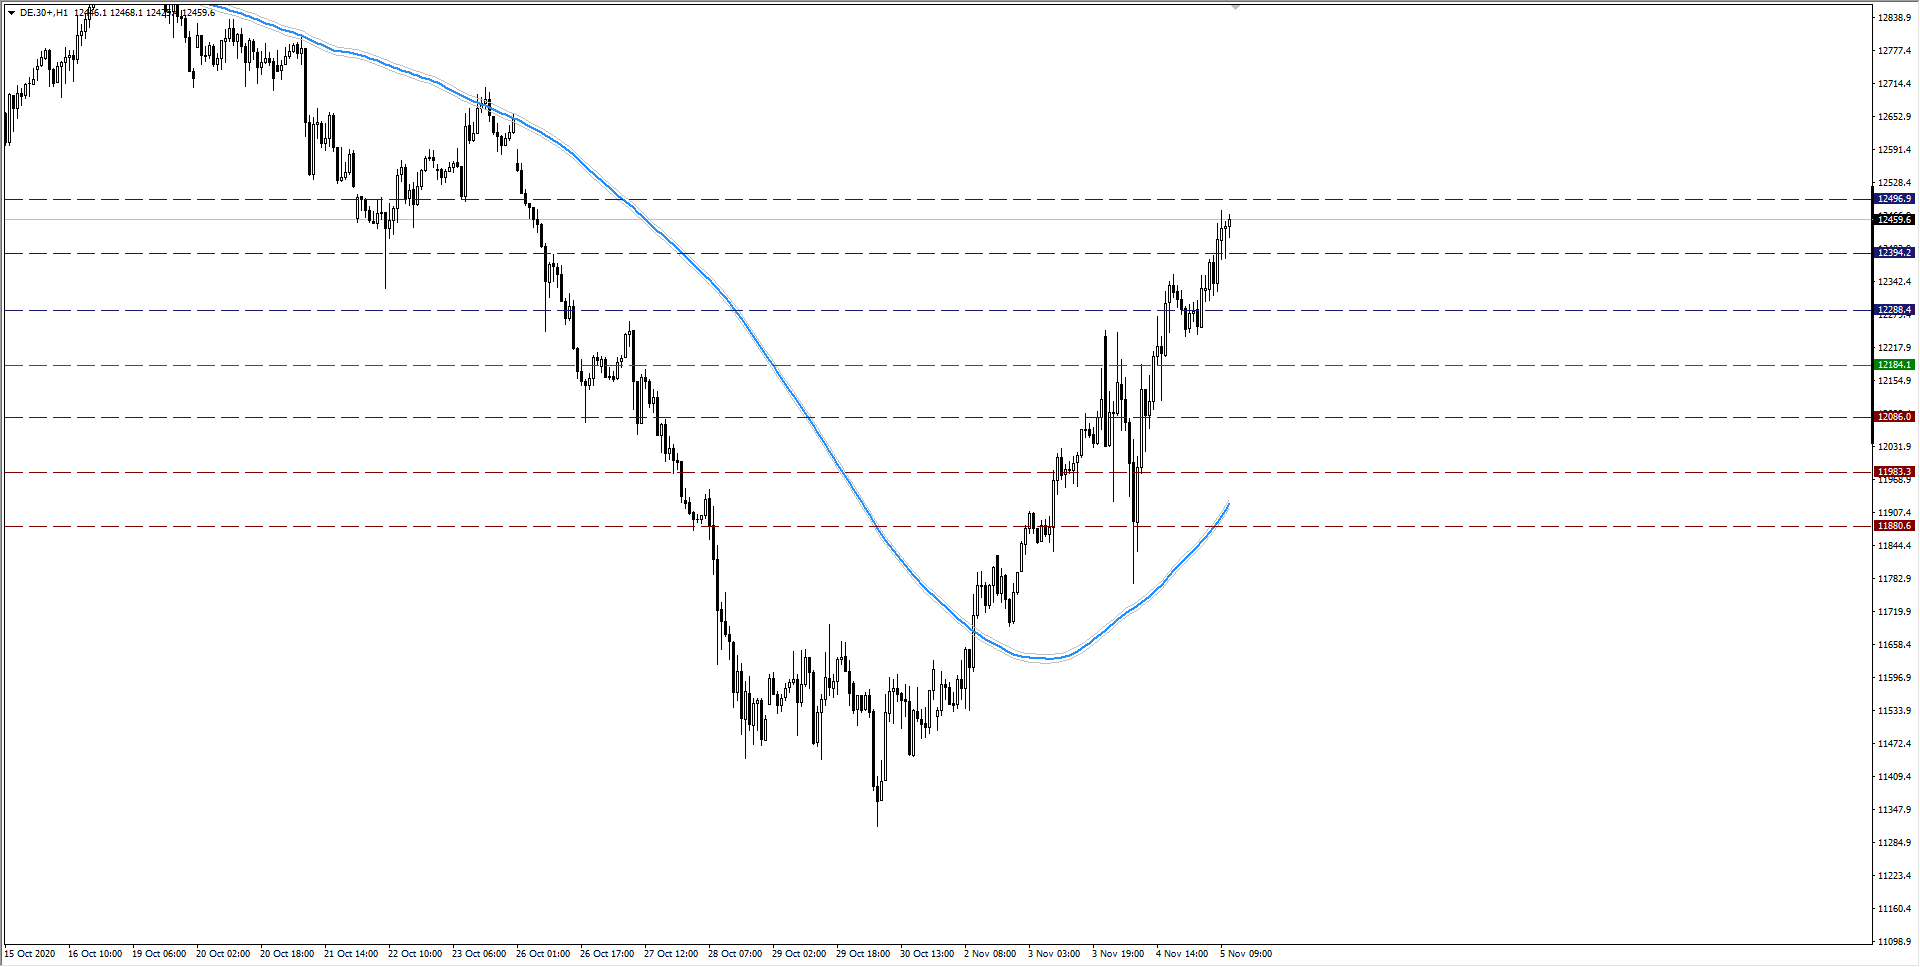 wykres DAX H1 05.11.2020 2